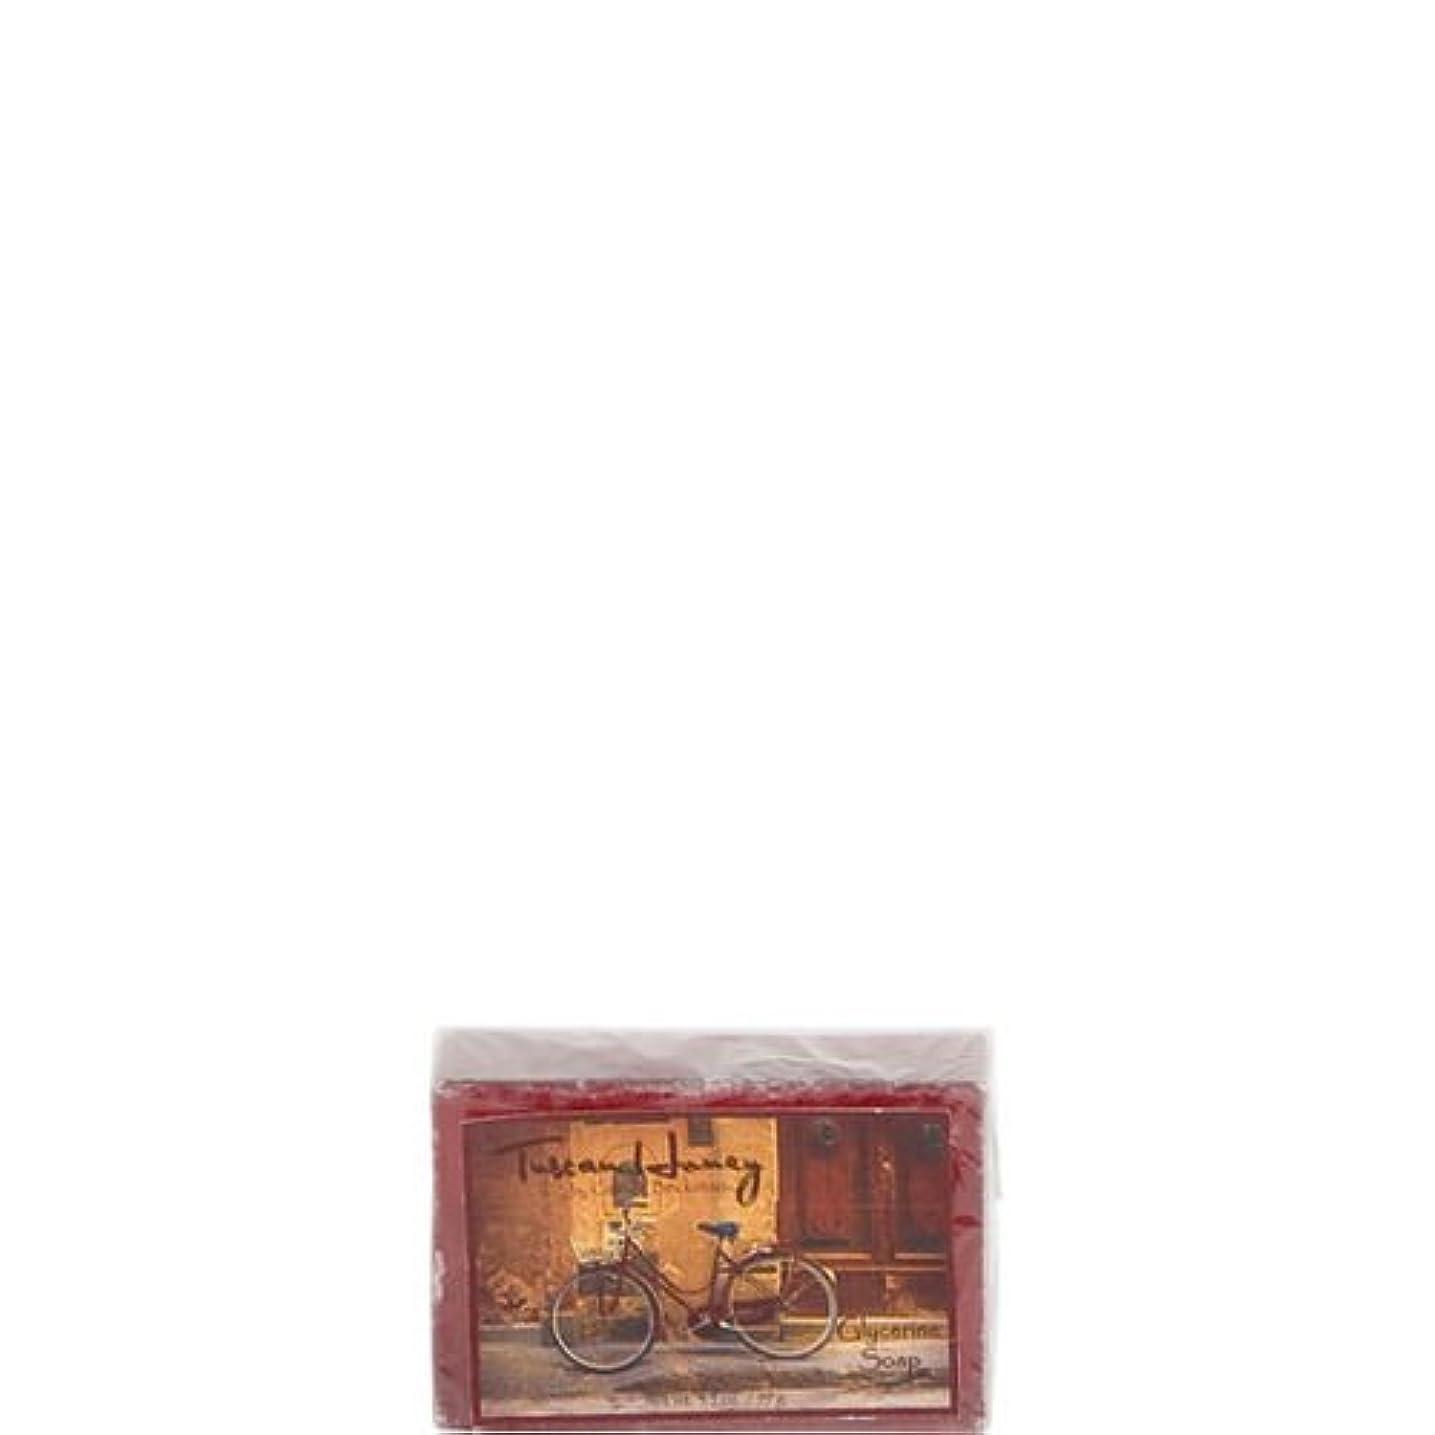 プレゼン統計的粗いCamille Beckman Glycerine Bar Soap 3.5 oz - Secret Sea Scent by Camille Beckman [並行輸入品]